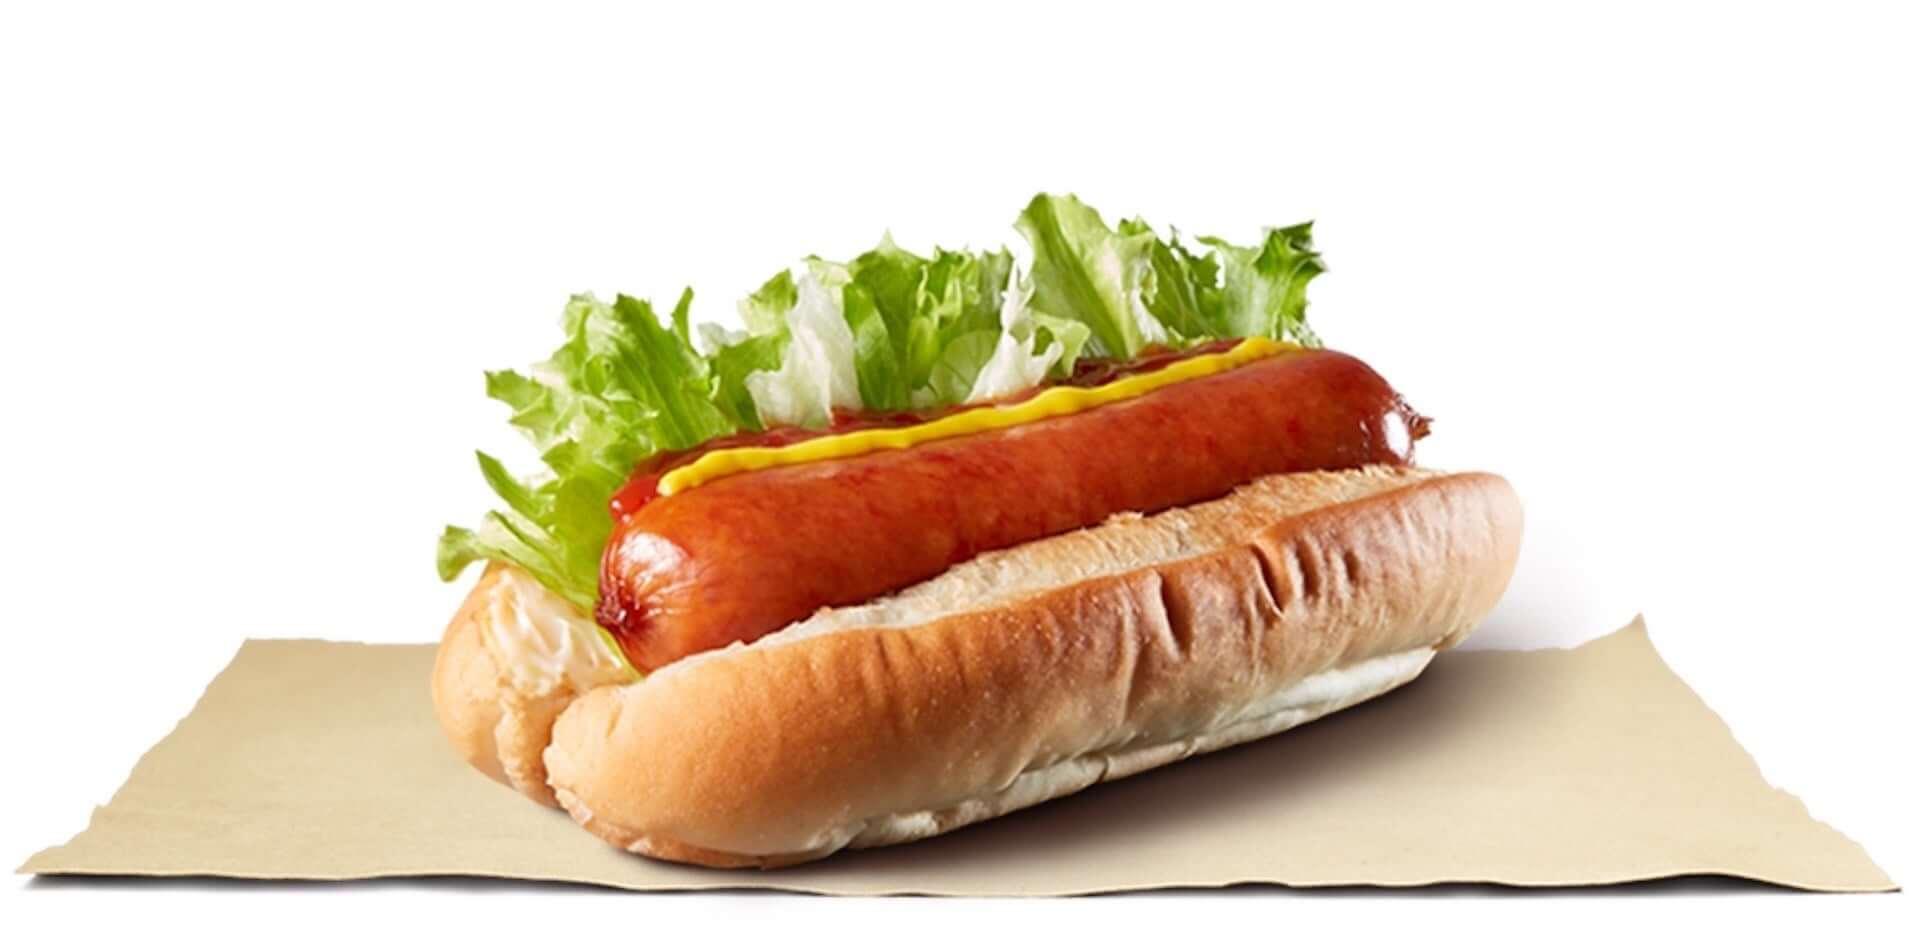 バーガーキングとジョンソンヴィルがコラボ!肉汁溢れ出る『キングドッグ』が新登場 『デラオニ』&『デラハッシュ』も定番メニューに gourmet200604_kingdog_05-1920x946